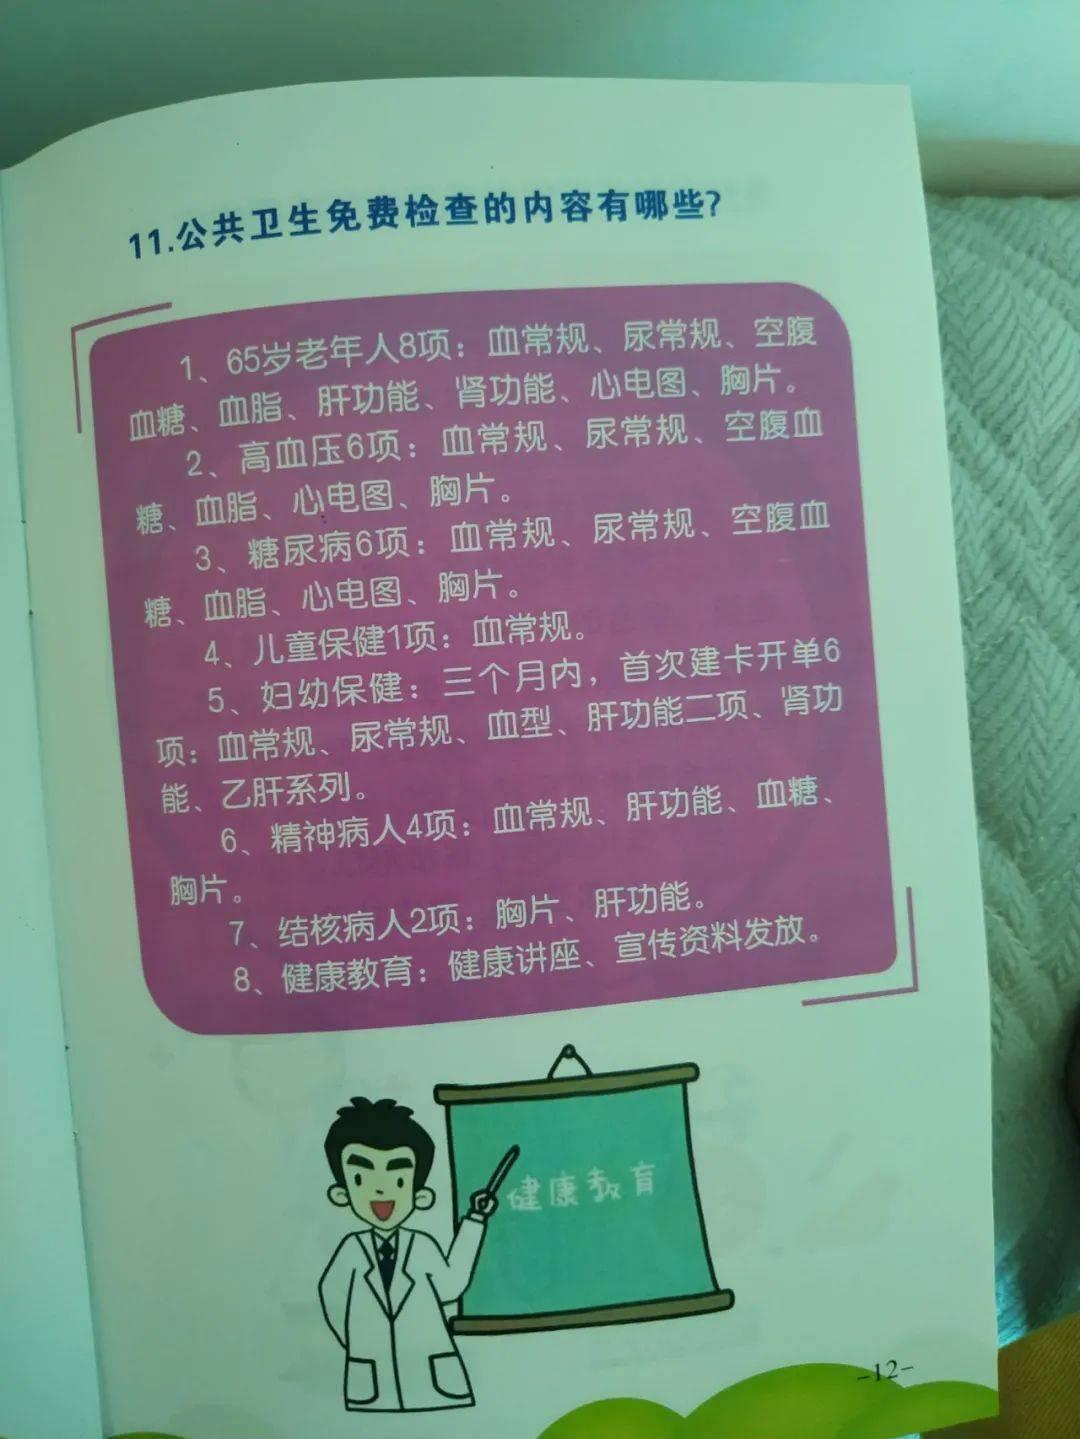 【民声】谁知道?关于嵩县孕妇首次建档以及产检的一些问题。